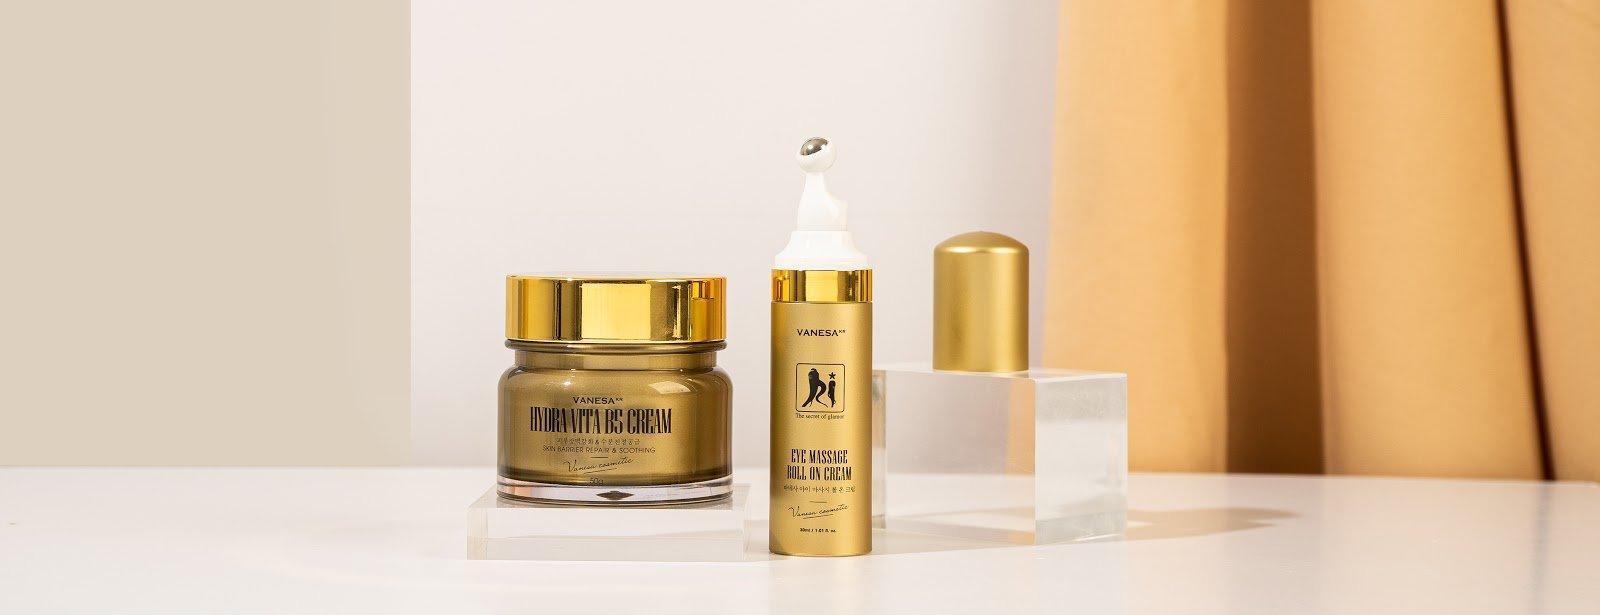 Bao bì sang trọng và tinh tế của bộ đôi sản phẩm chống lão hoá da mặt và vùng mắt của Ki Cosmetics. (Ảnh: Internet)